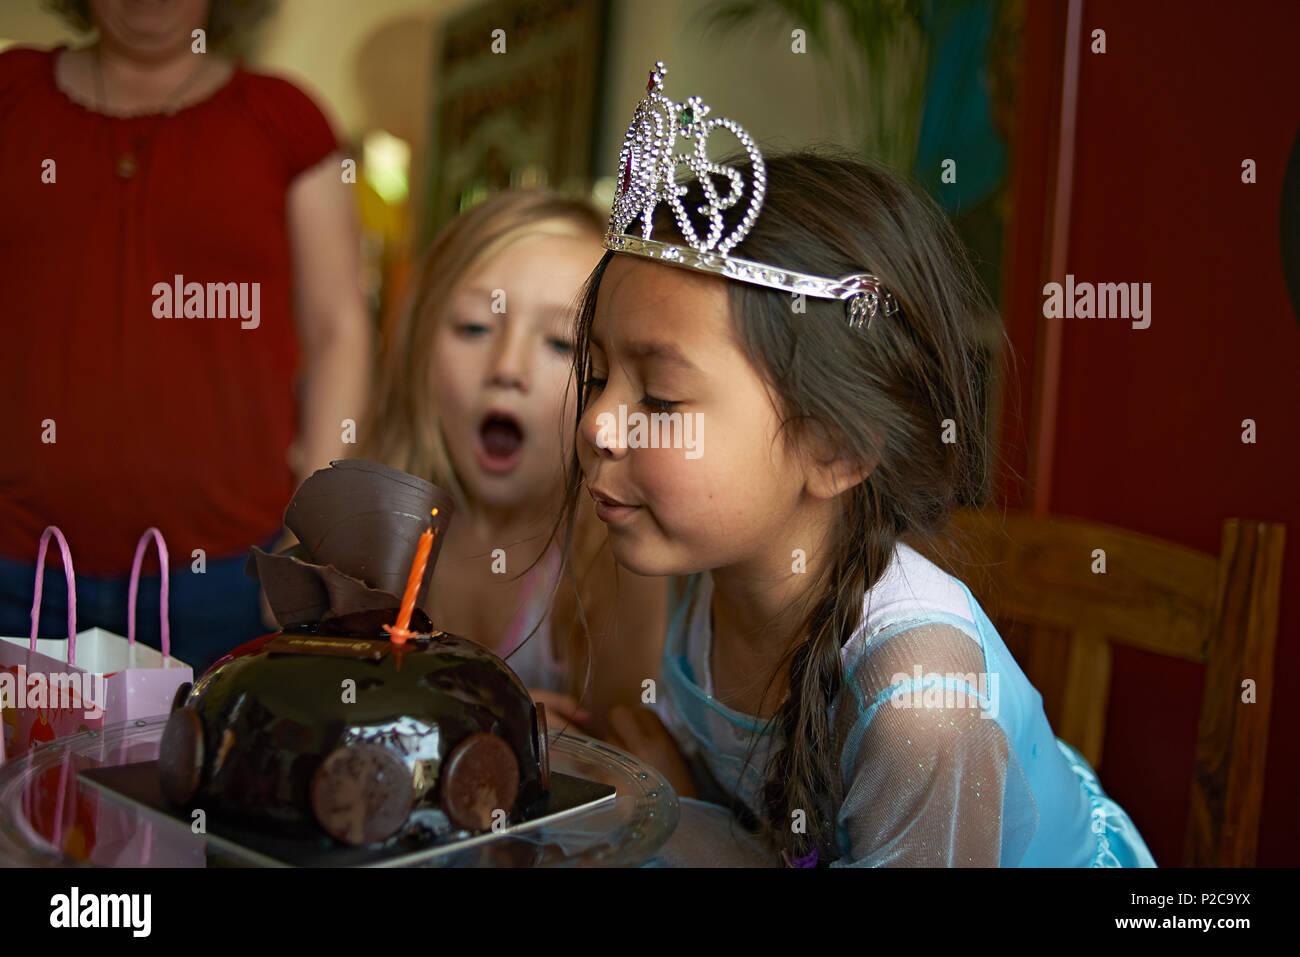 Carino piccolo preteen ragazza asiatica che indossa un abito da principessa e un diadema soffiando fuori le candeline sulla sua torta di compleanno con il suo migliore amico seduto con il suo Immagini Stock